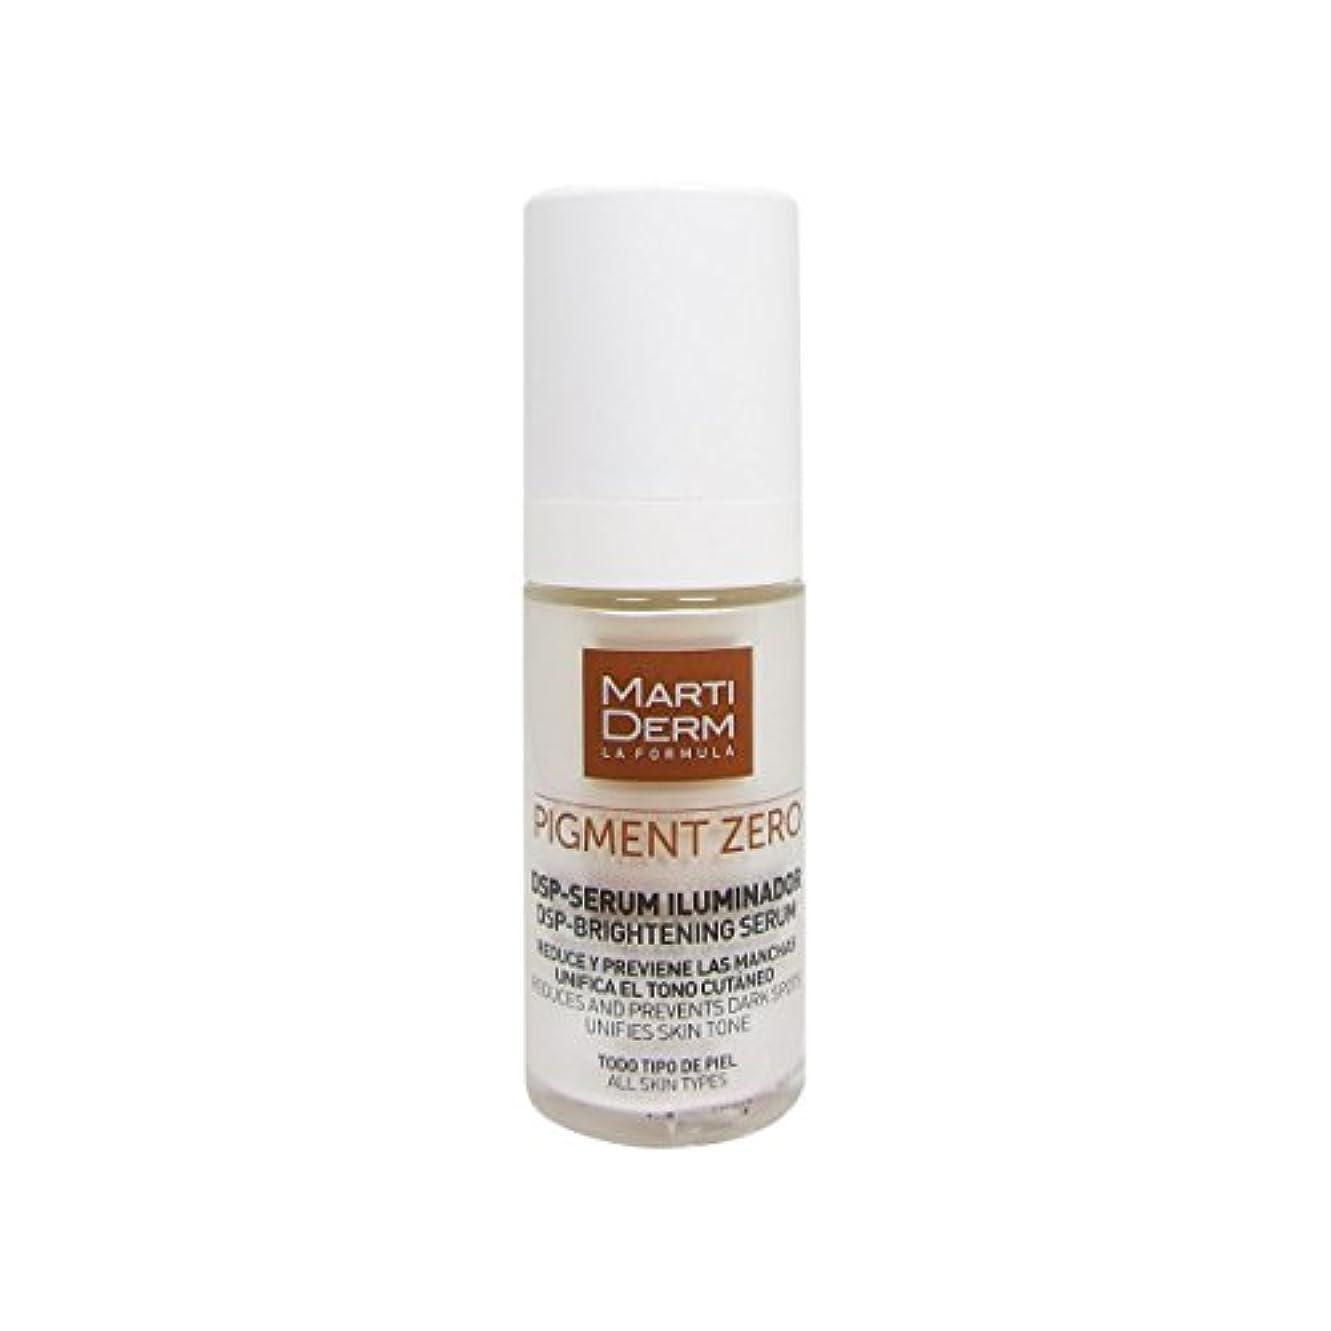 ラバシティプロフェッショナルMartiderm Pigment Zero Dsp-brightening Serum 30ml [並行輸入品]